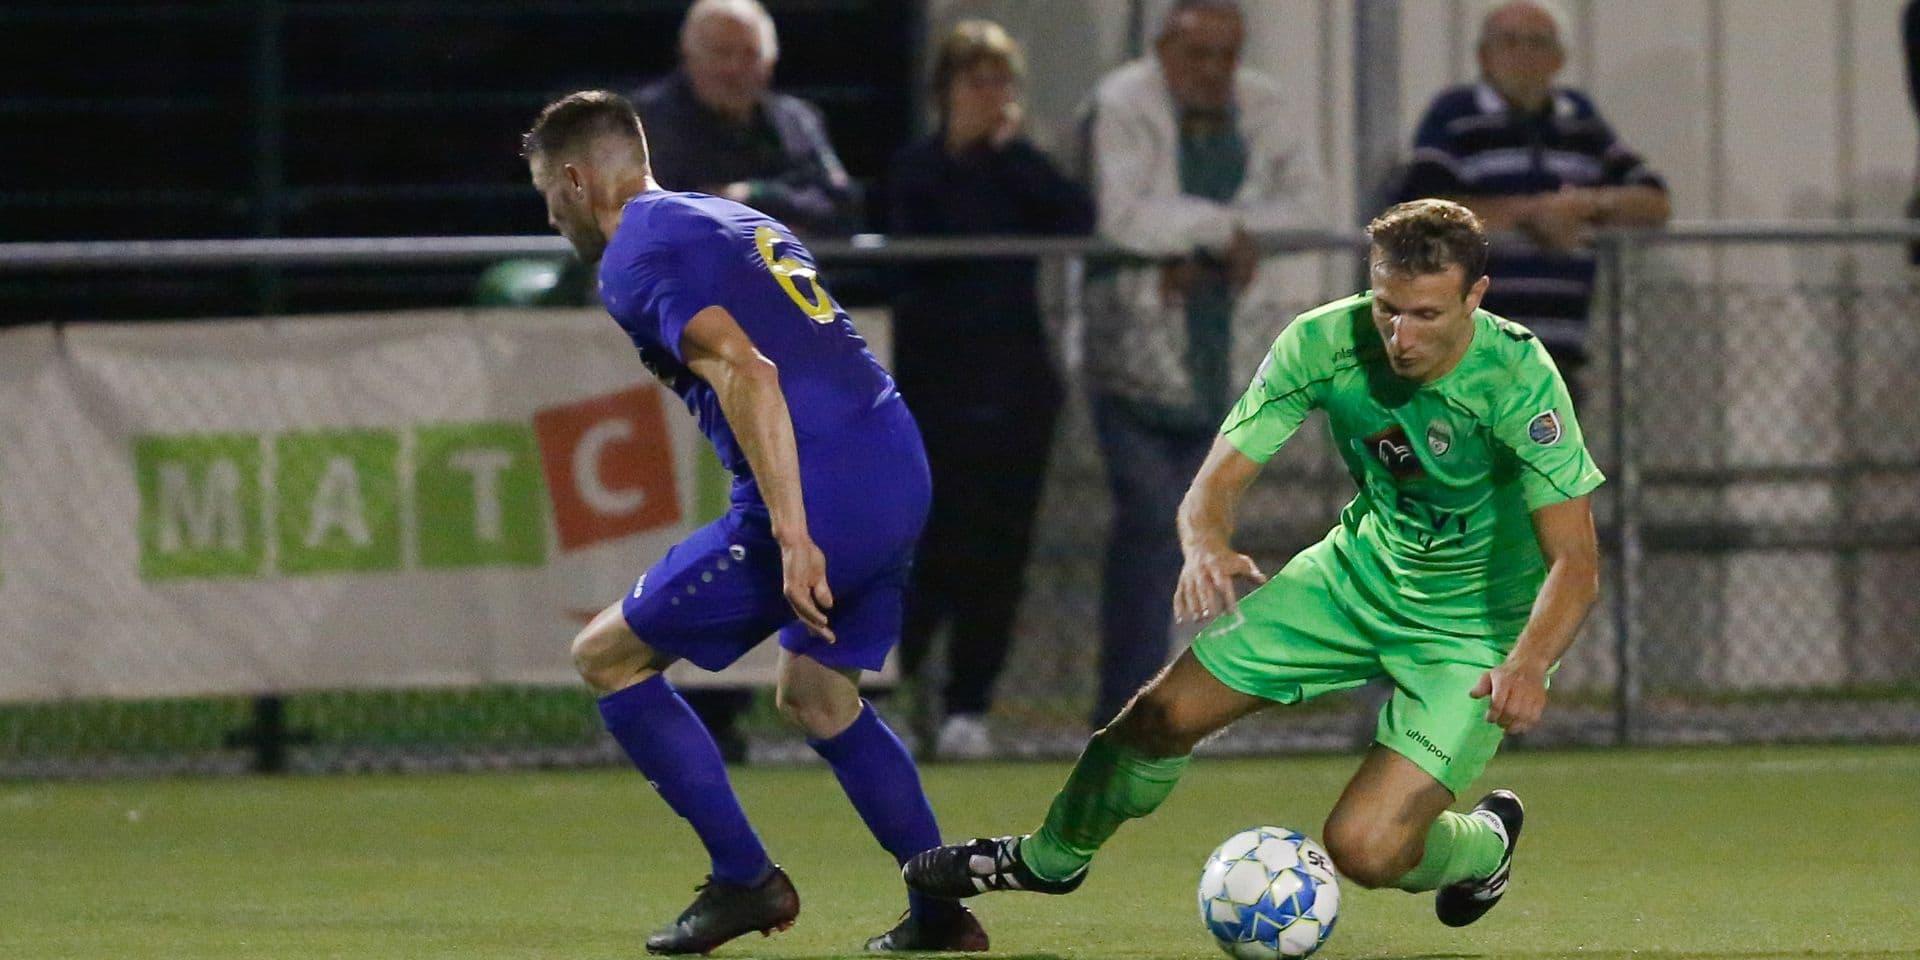 Clément Moors de retour en Brabant wallon avec ce match à la RUTB